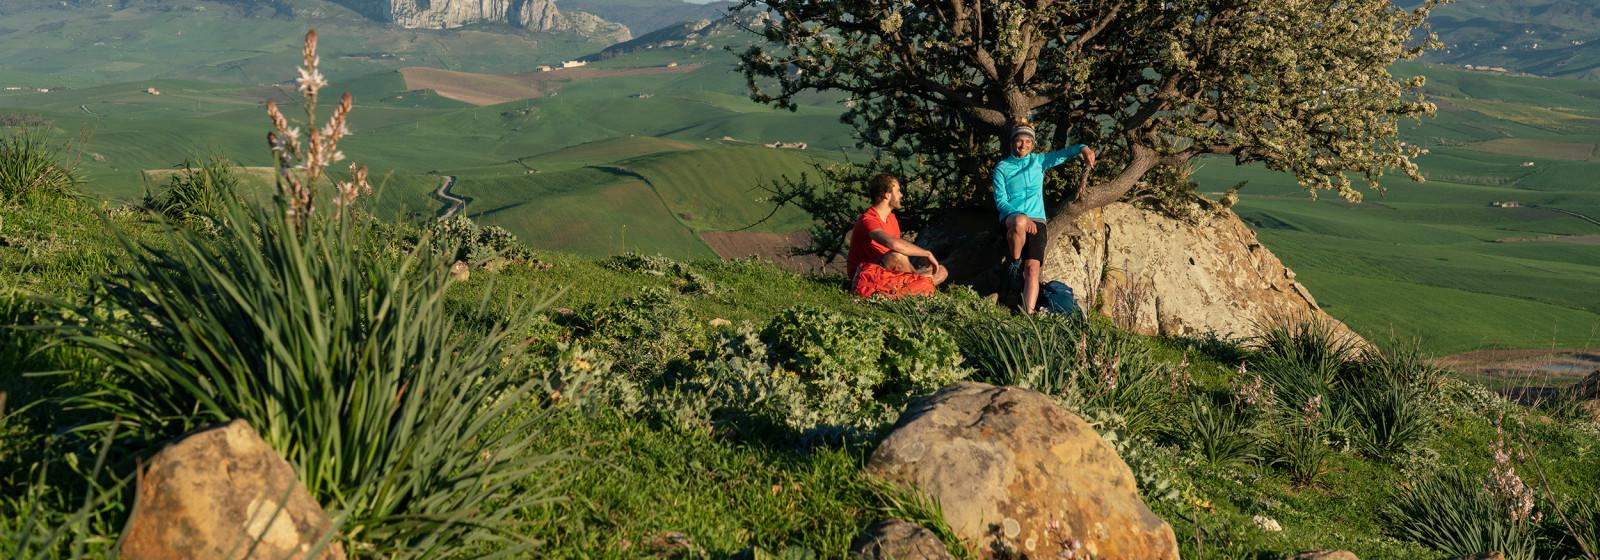 Wanderszene bei Arcivocale, Sizilien, Italien.